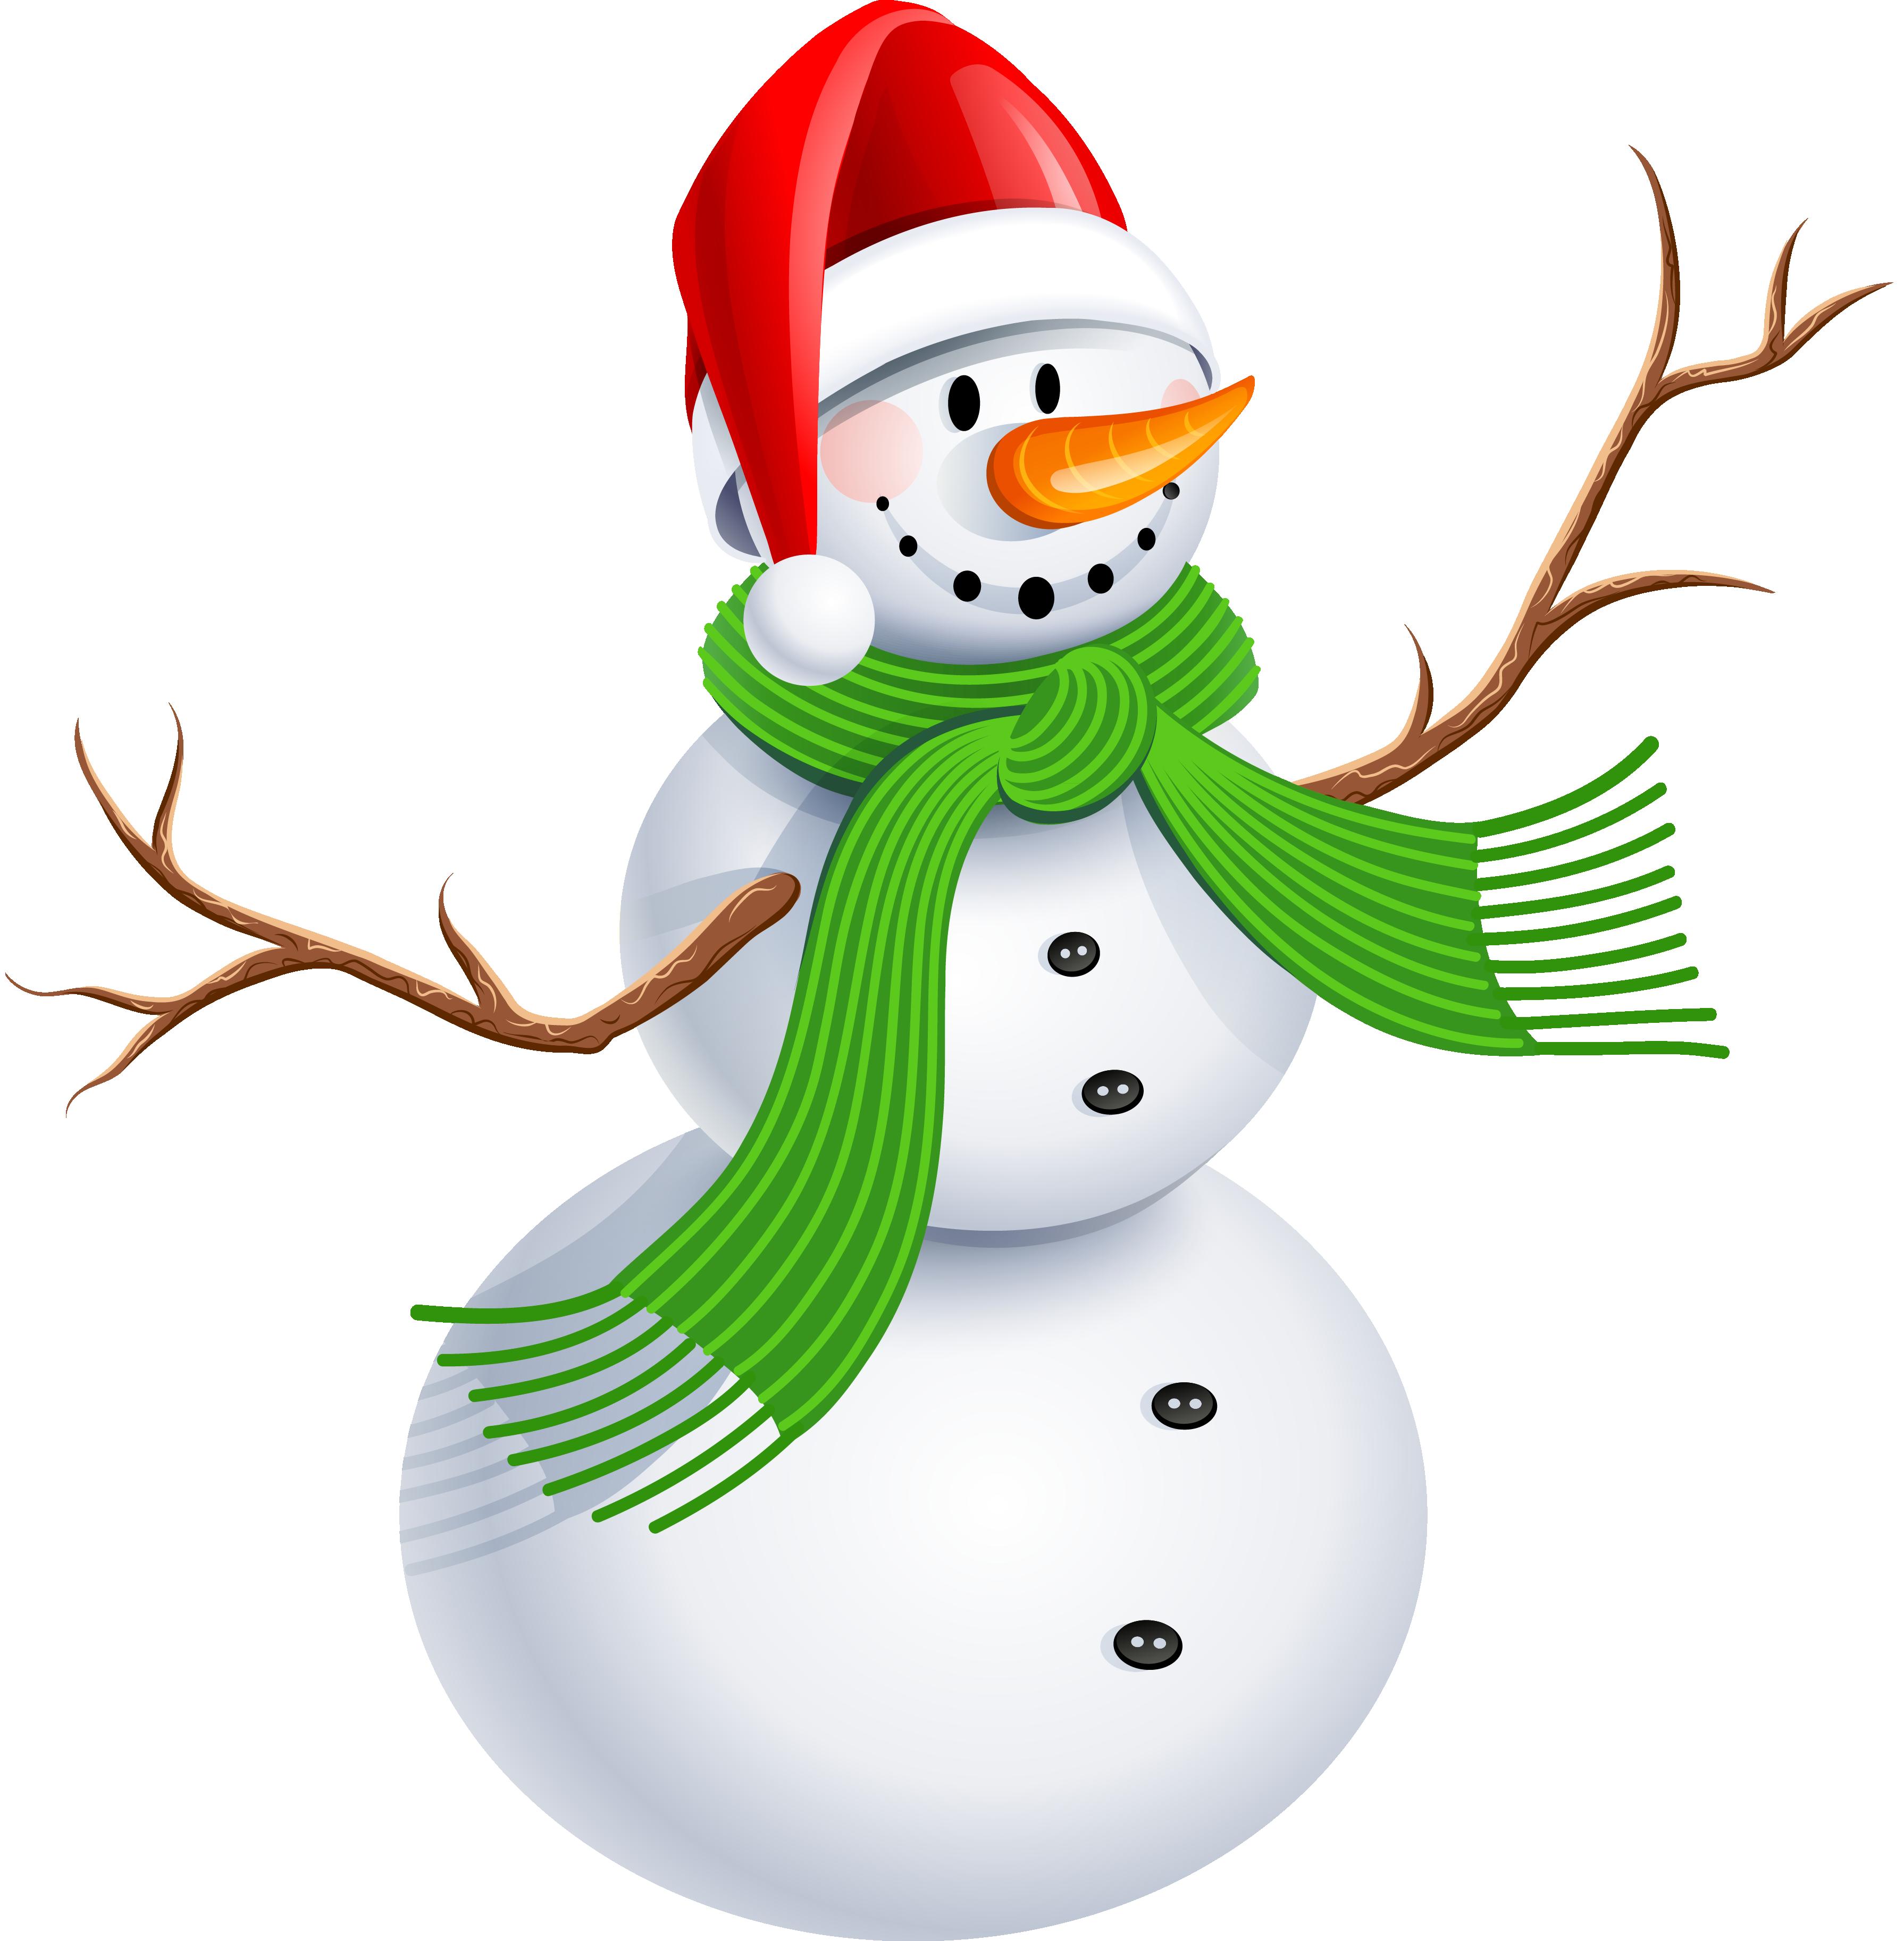 clipart snowman free - photo #42